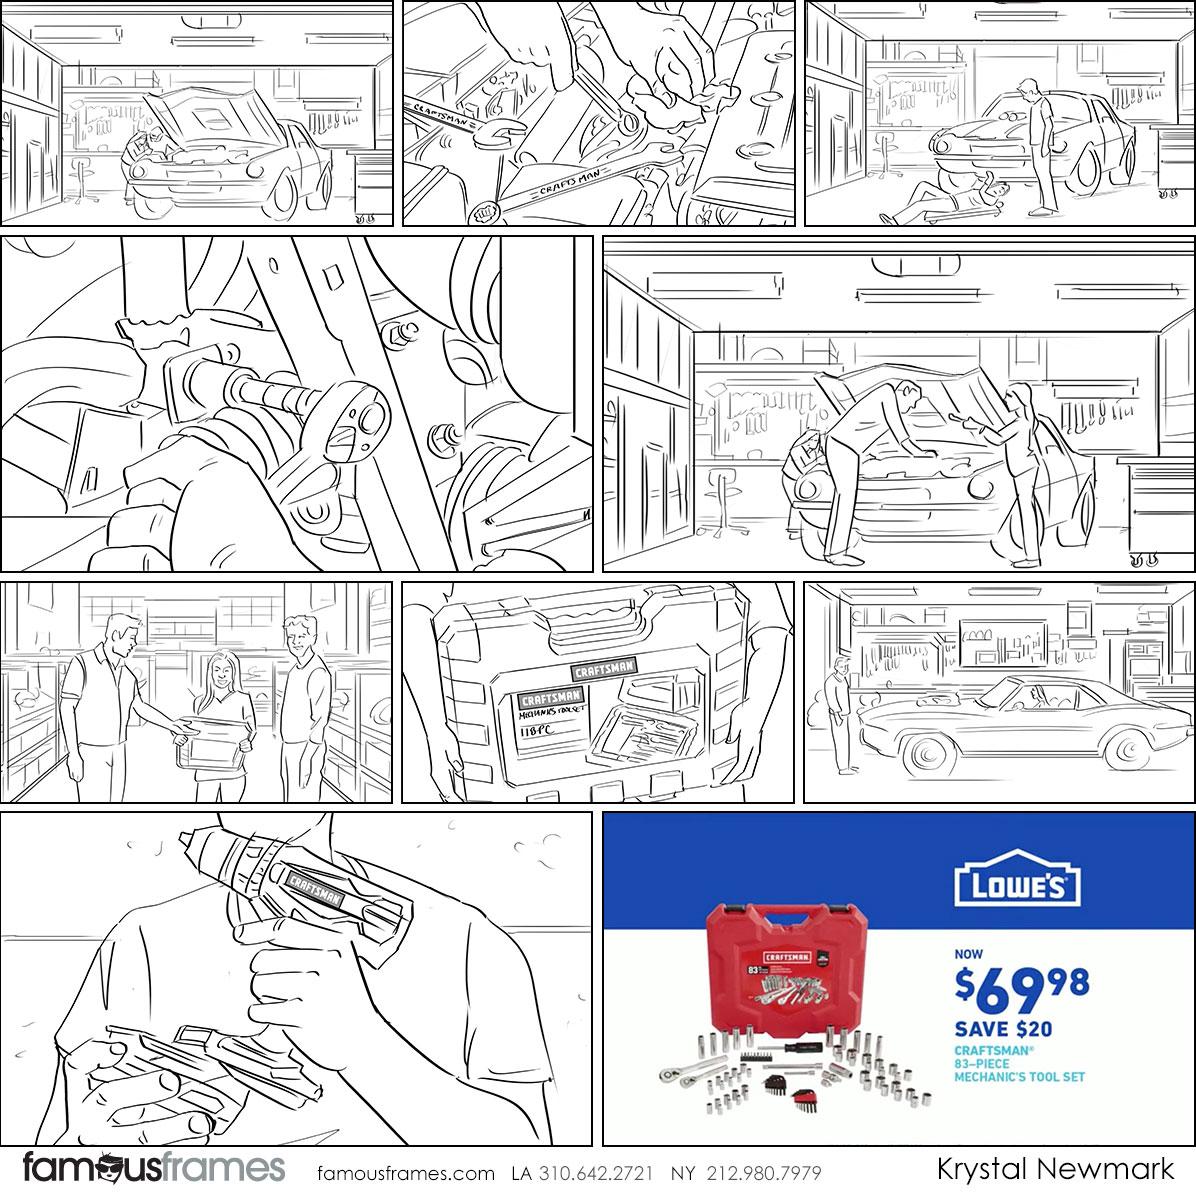 Krystal Newmark's People - B&W Line storyboard art (Image #5666_114_1559778076)